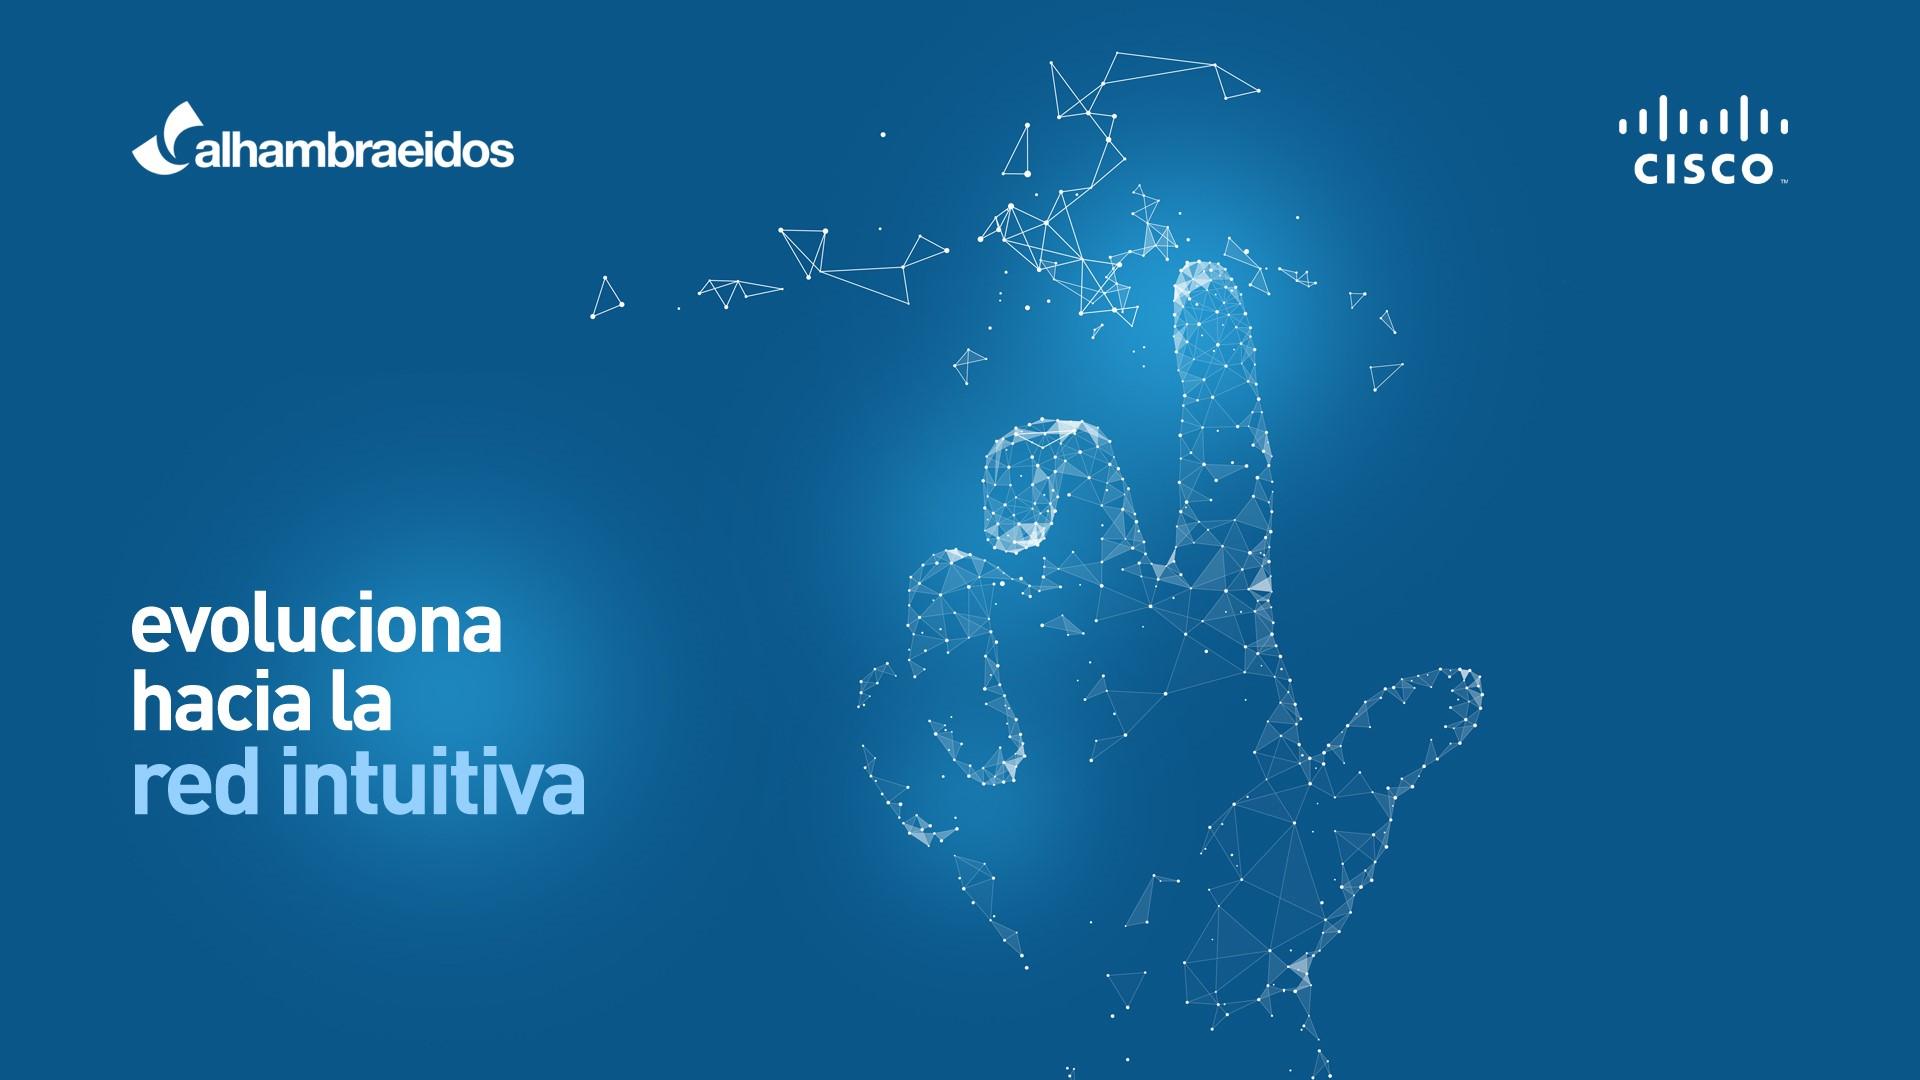 El asociado Alhambra-Eidos y Cisco lanzan una campaña para conocer nuevos retos de la Red en la transformación digital